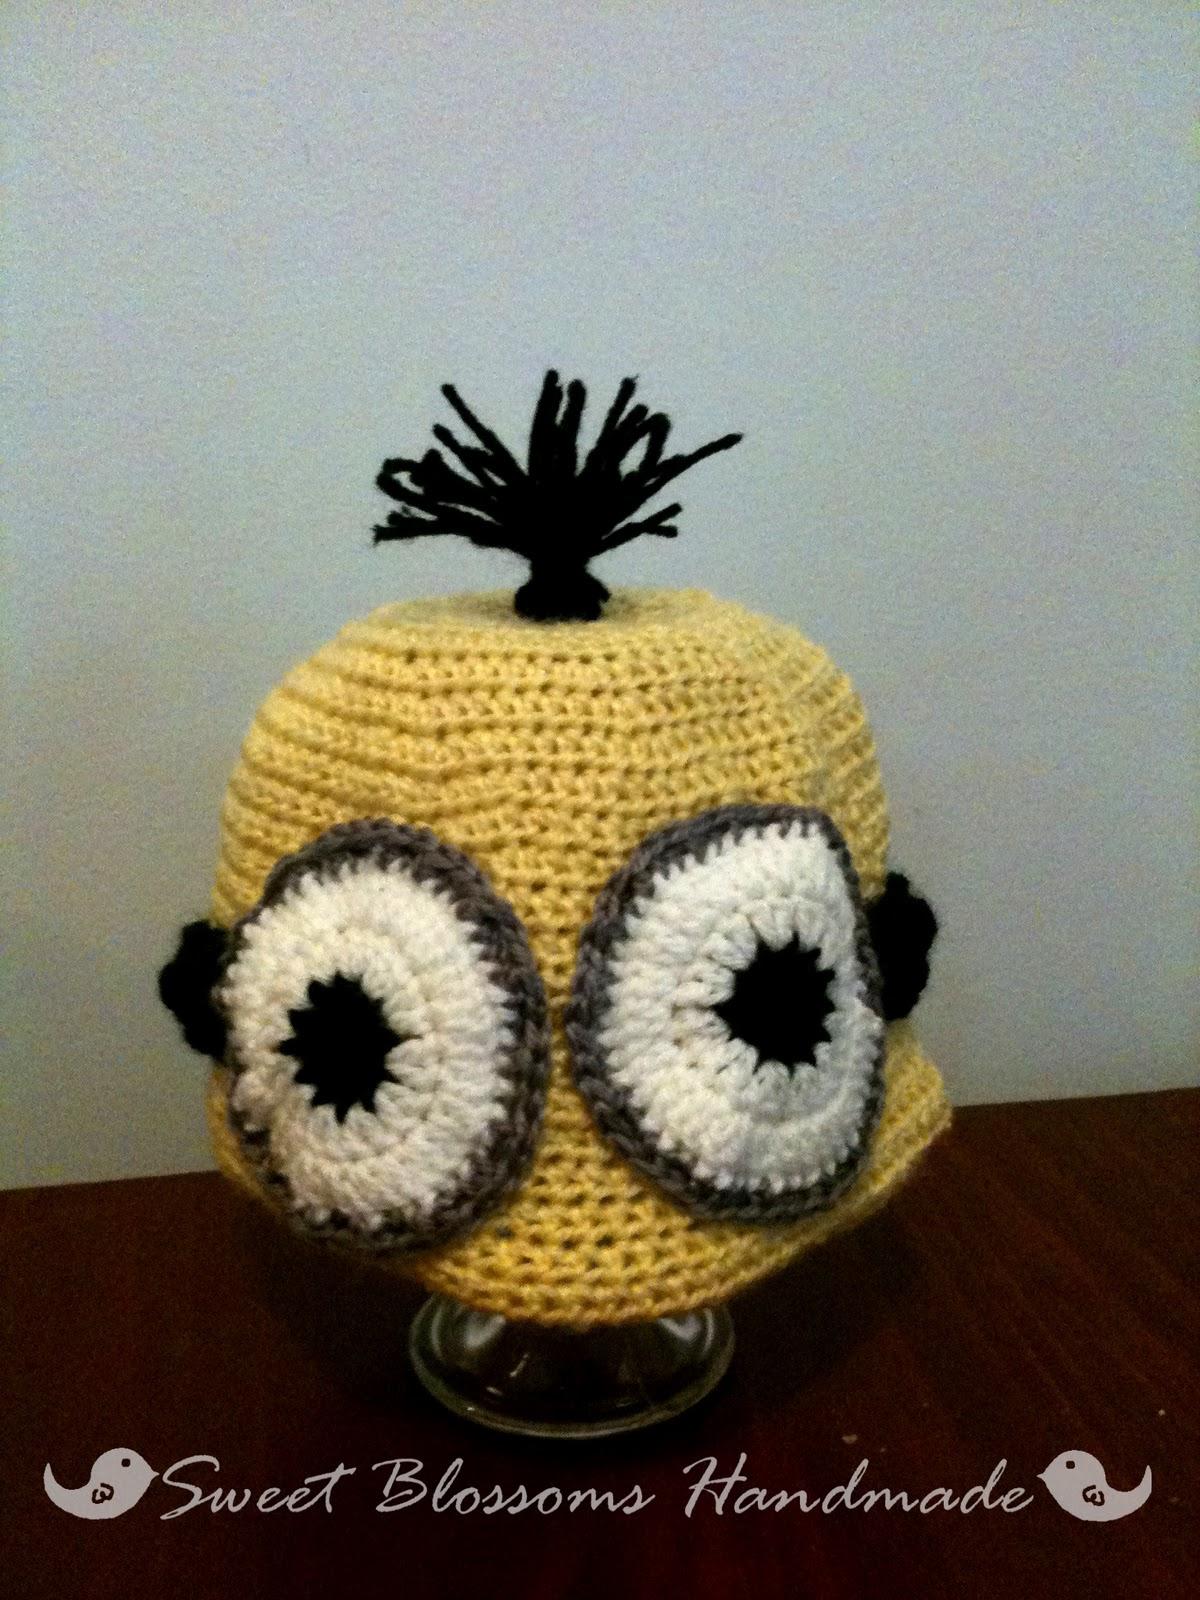 Free Crochet Pattern Minion Beanie : Sweet Blossoms Handmade: Minion Beanie Crochet Pattern